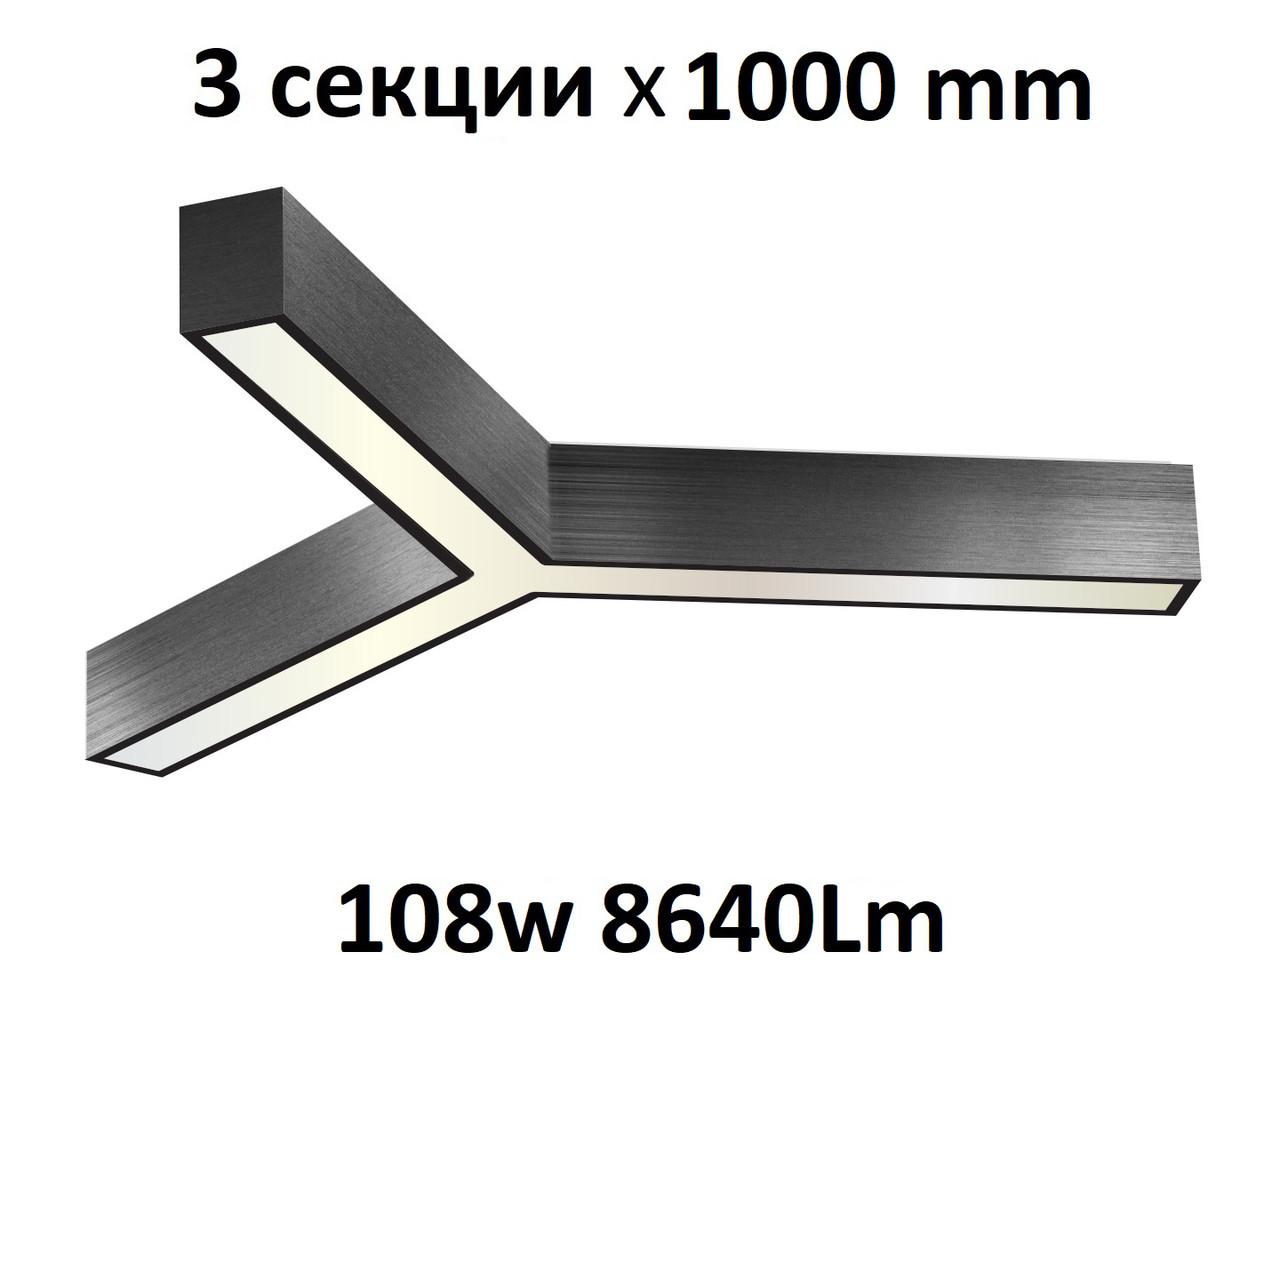 """Turman """"Вай 1000"""" 108W 8640Lm фигурный светодиодный светильник"""